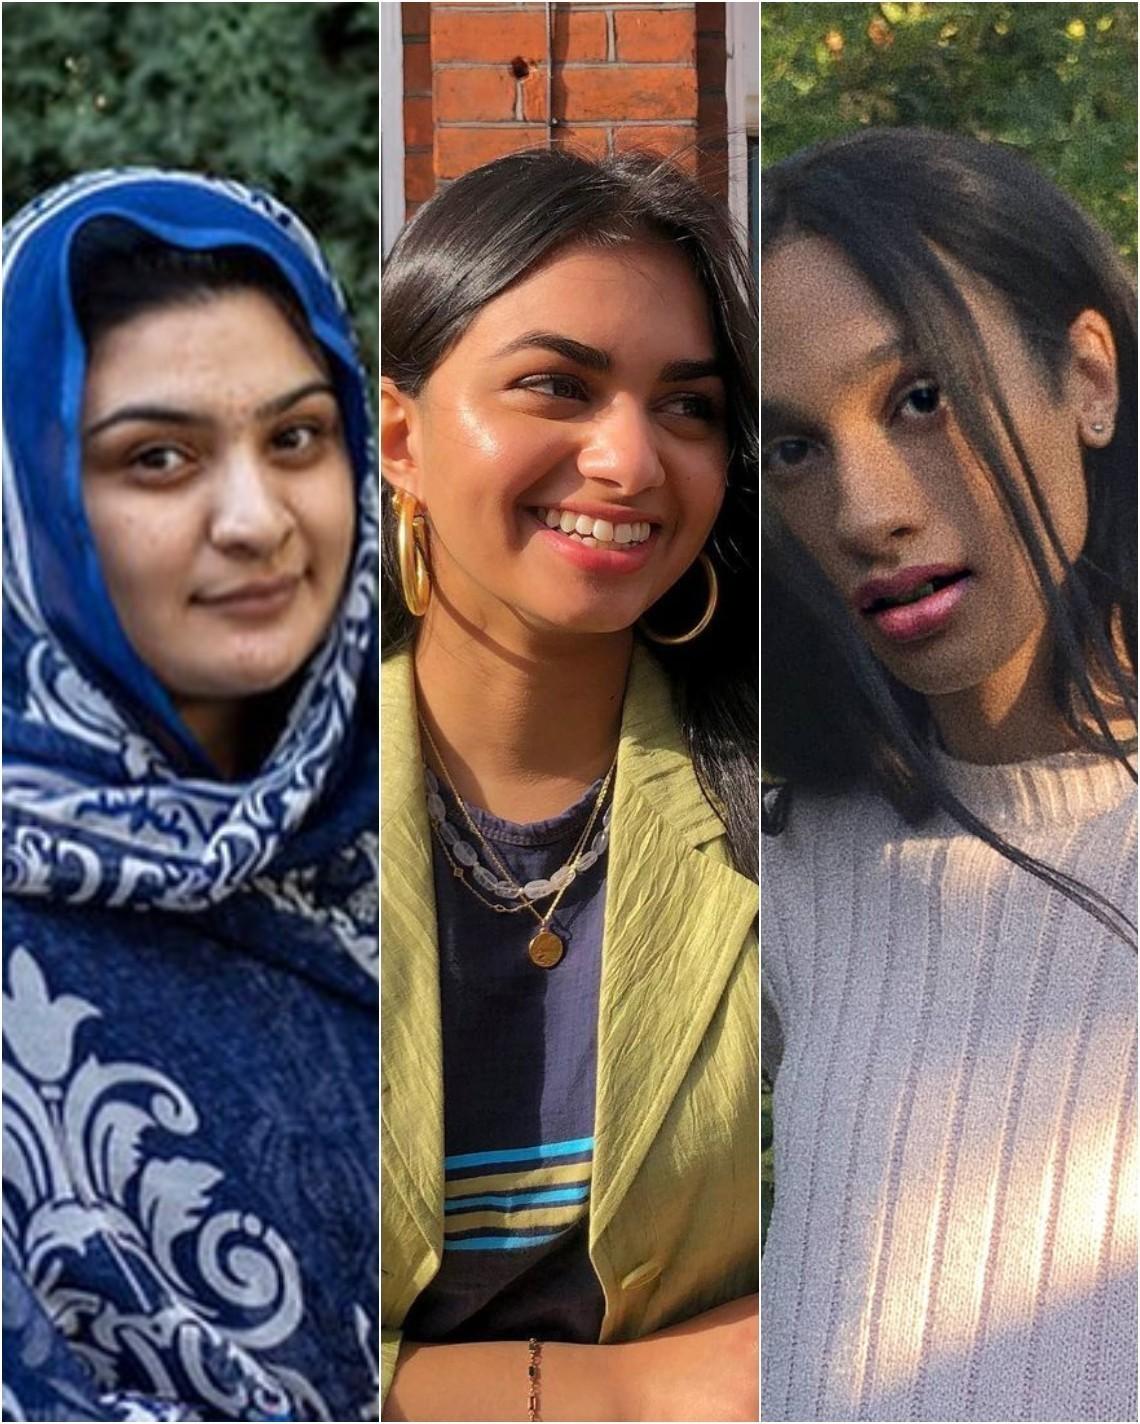 3 ακτιβίστριες κάτω των 30, αποφασισμένες να αλλάξουν τον κόσμο